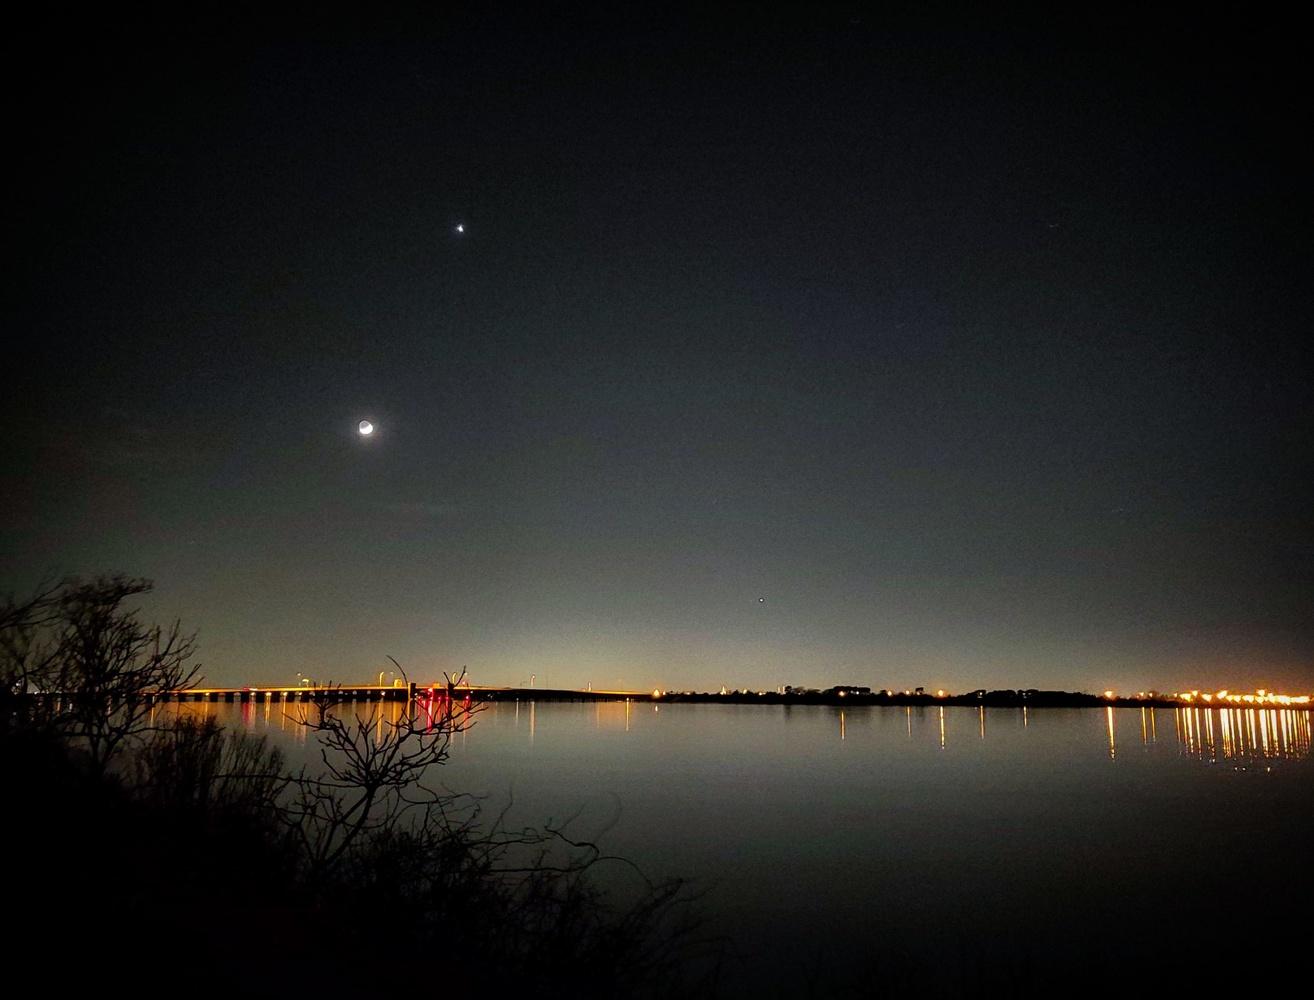 Moon Under Venus by Rick DeLucia